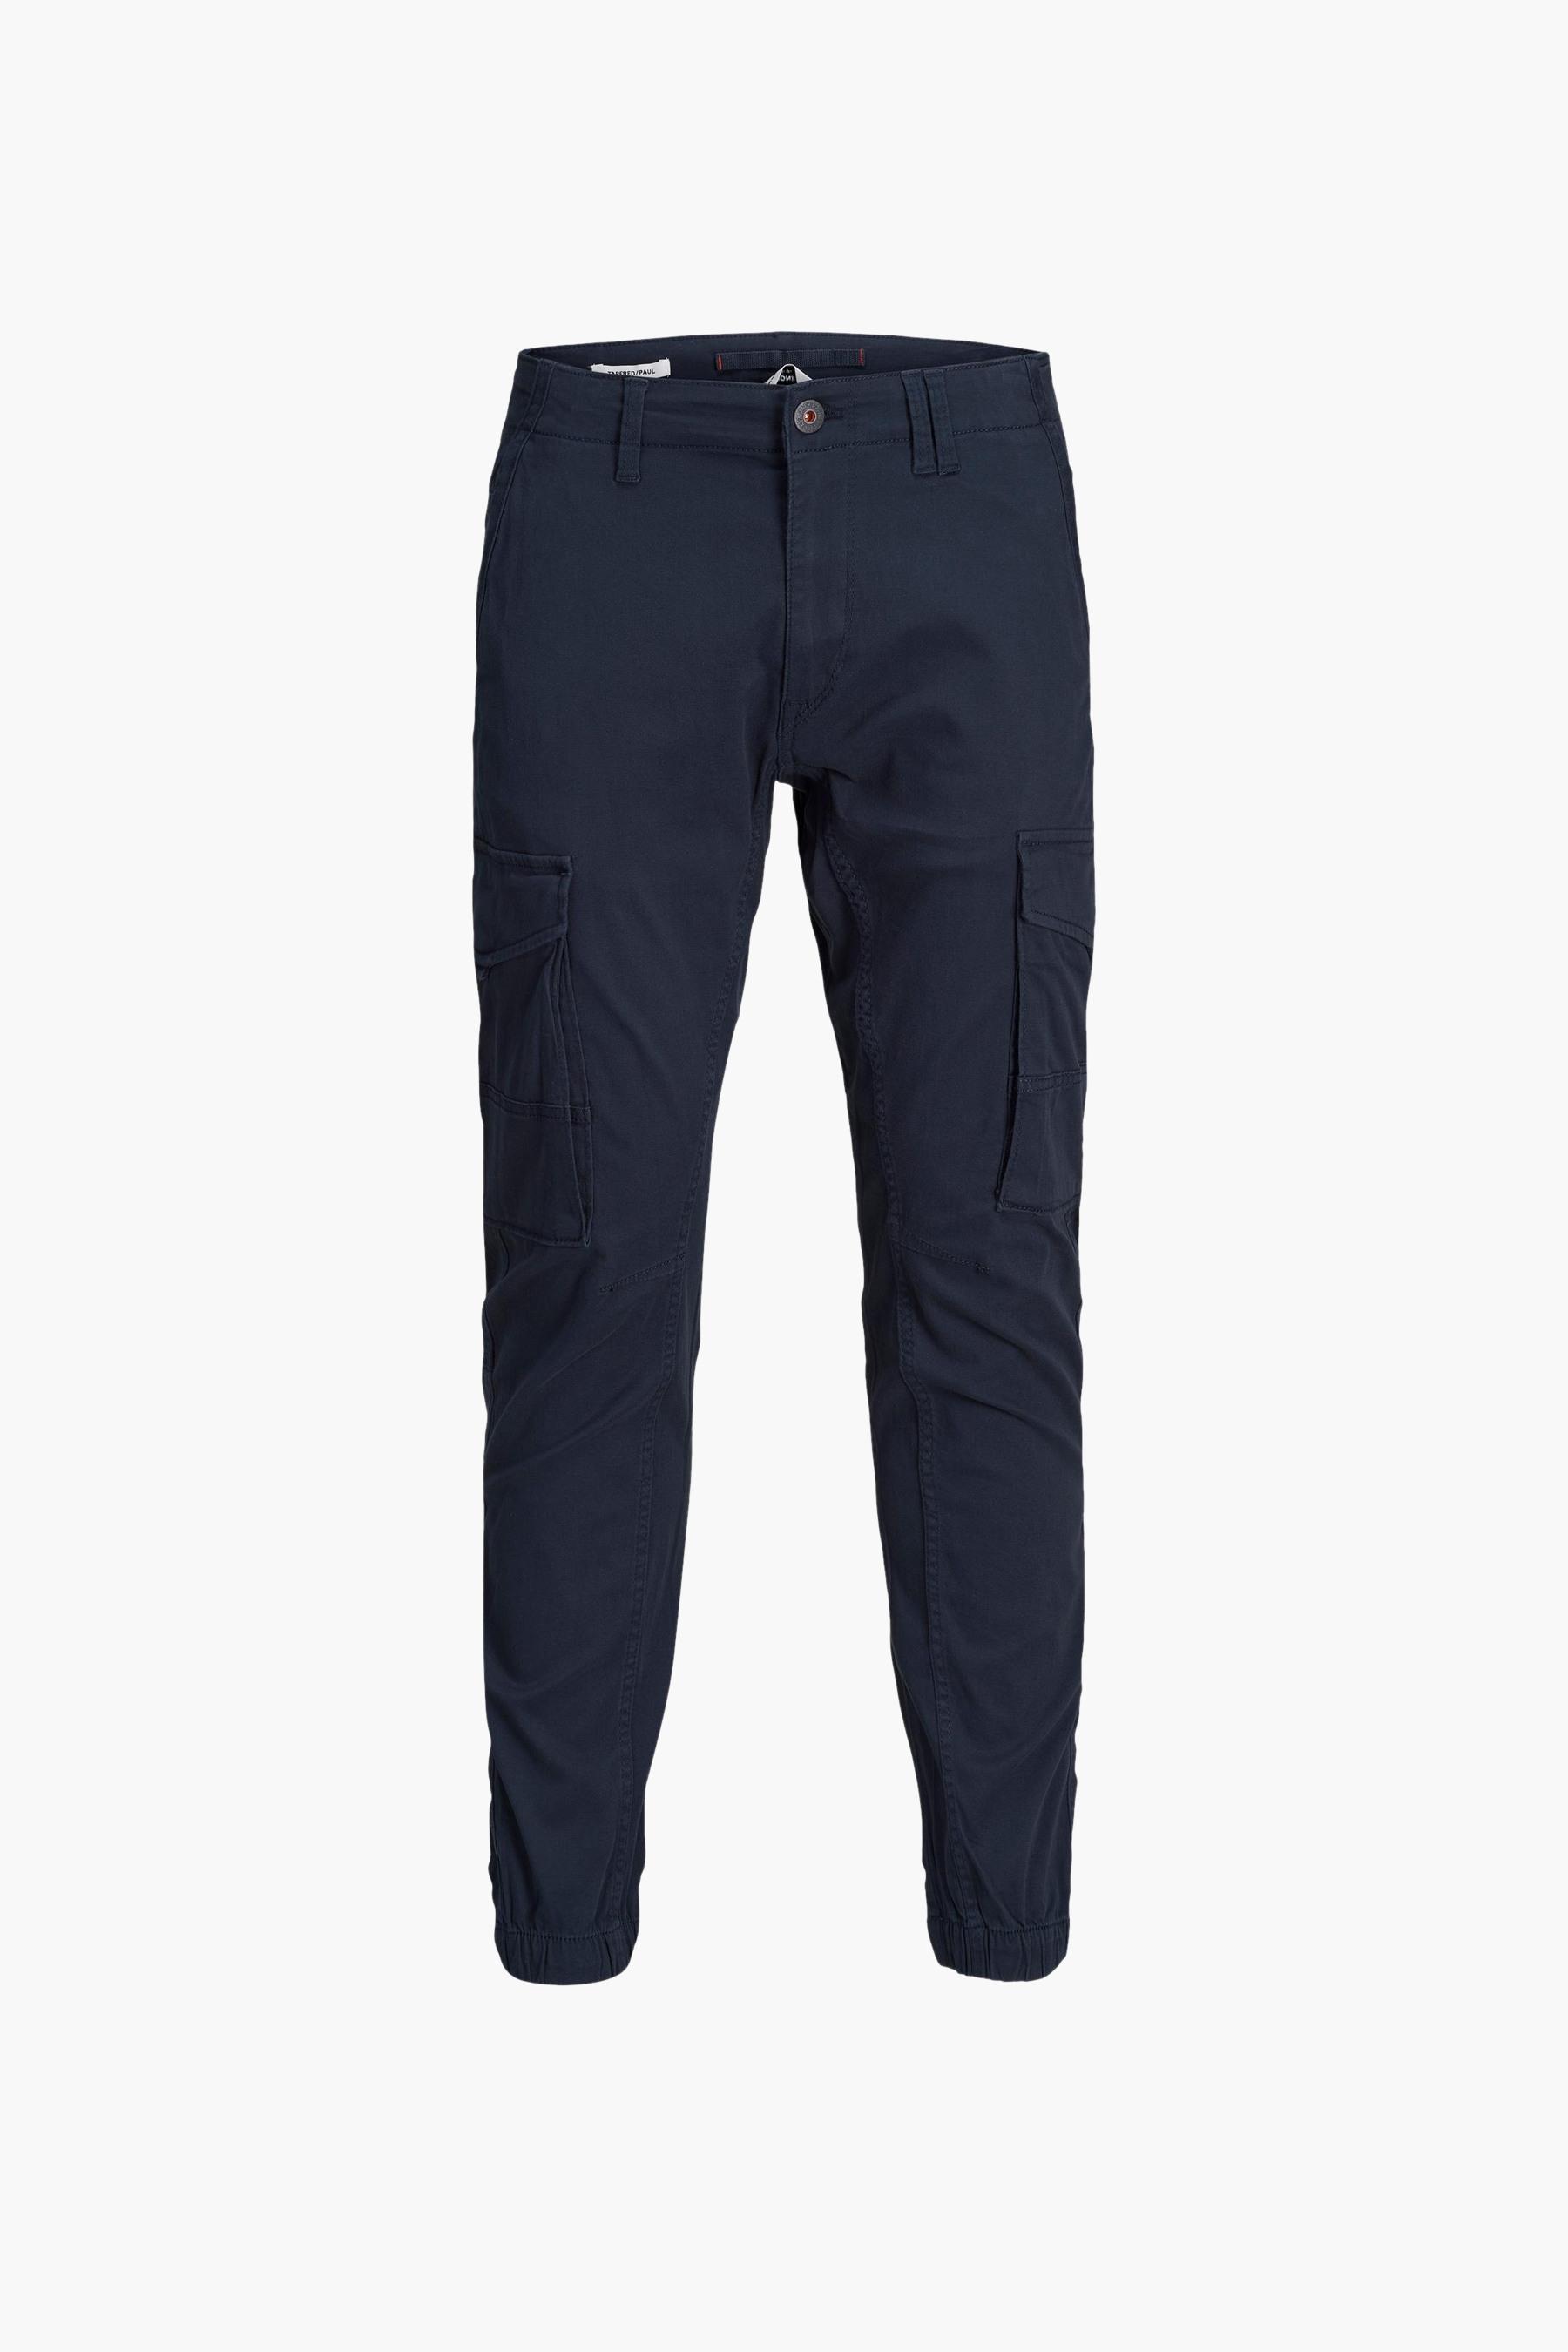 Jack & Jones Jeans Intelligenc Broek, Blauw, Heren, Maat: 30x32/30x34/31x32/31x3